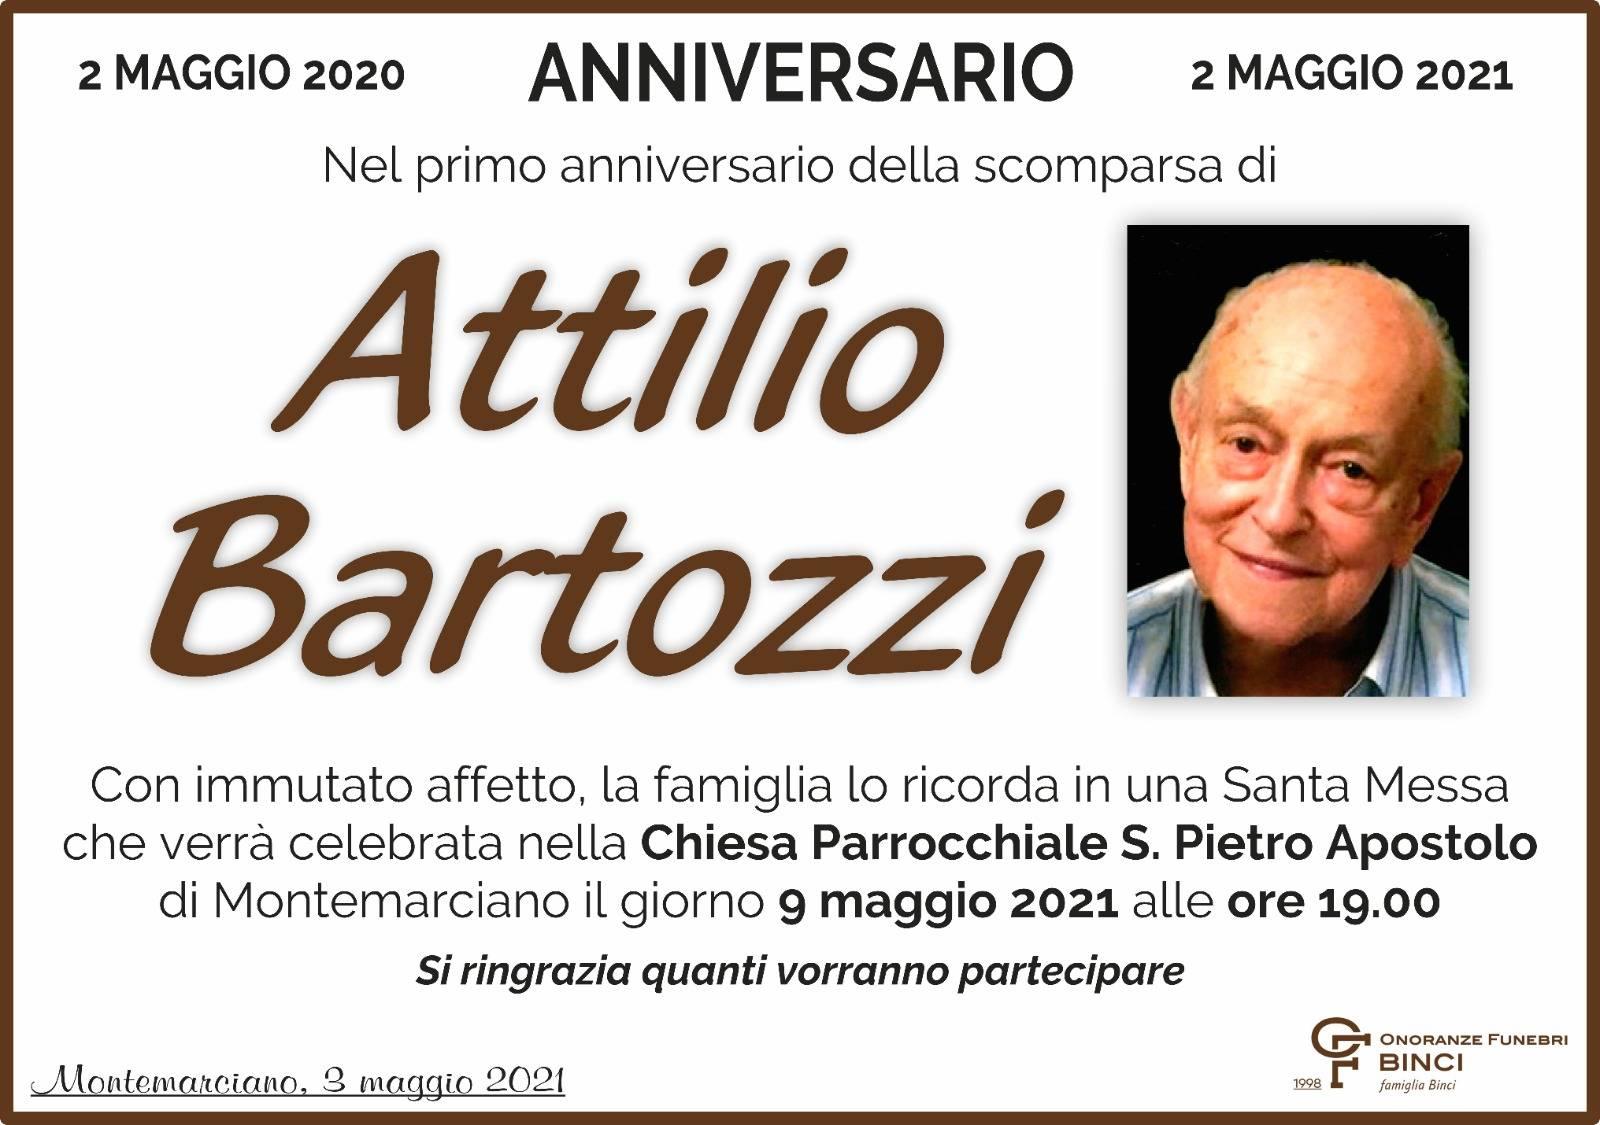 Attilio Bartozzi